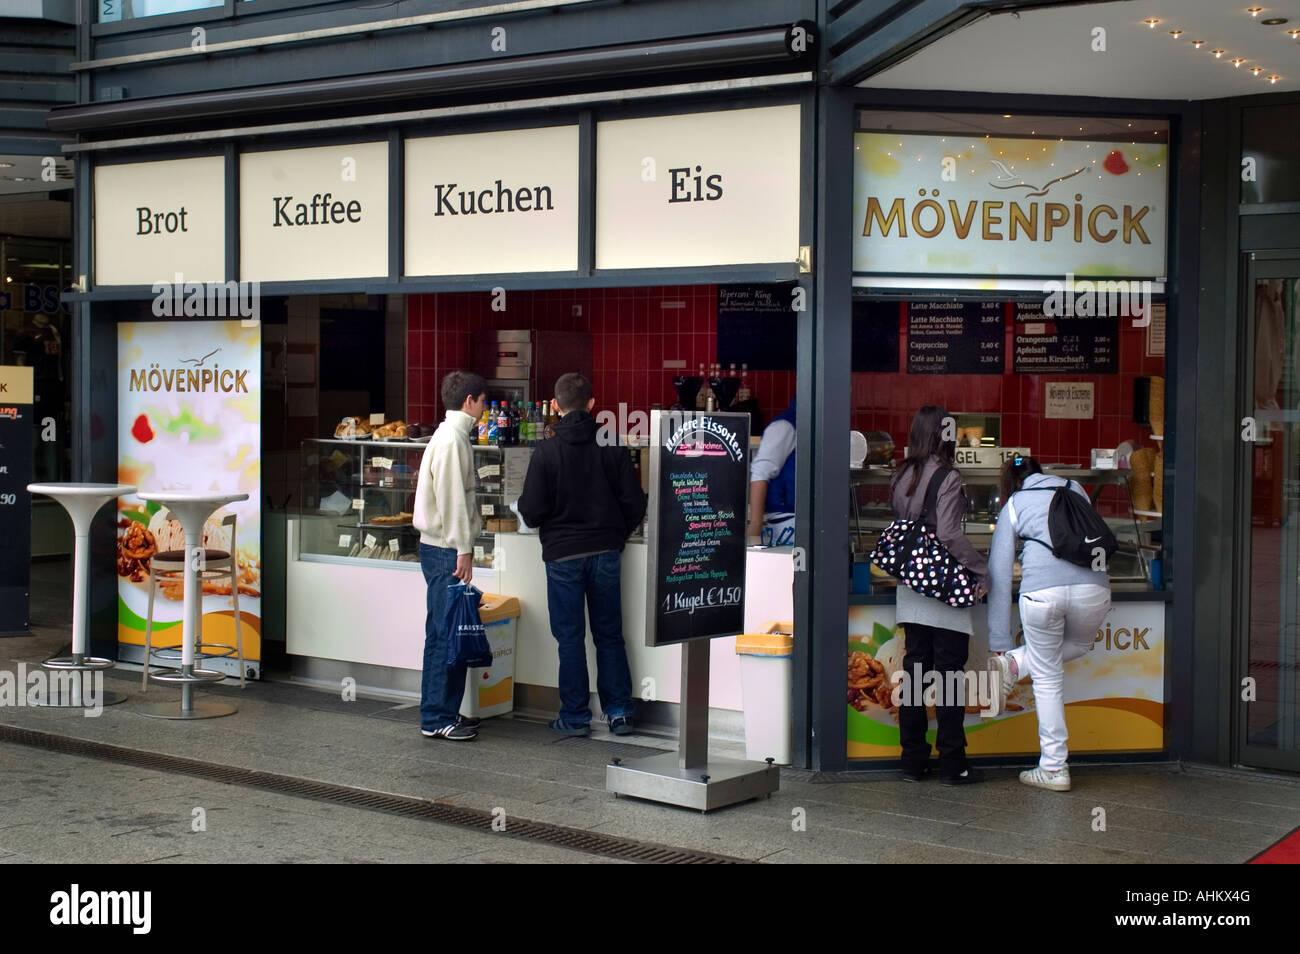 Alcohol Berlin Fotos e Imágenes de stock - Alamy